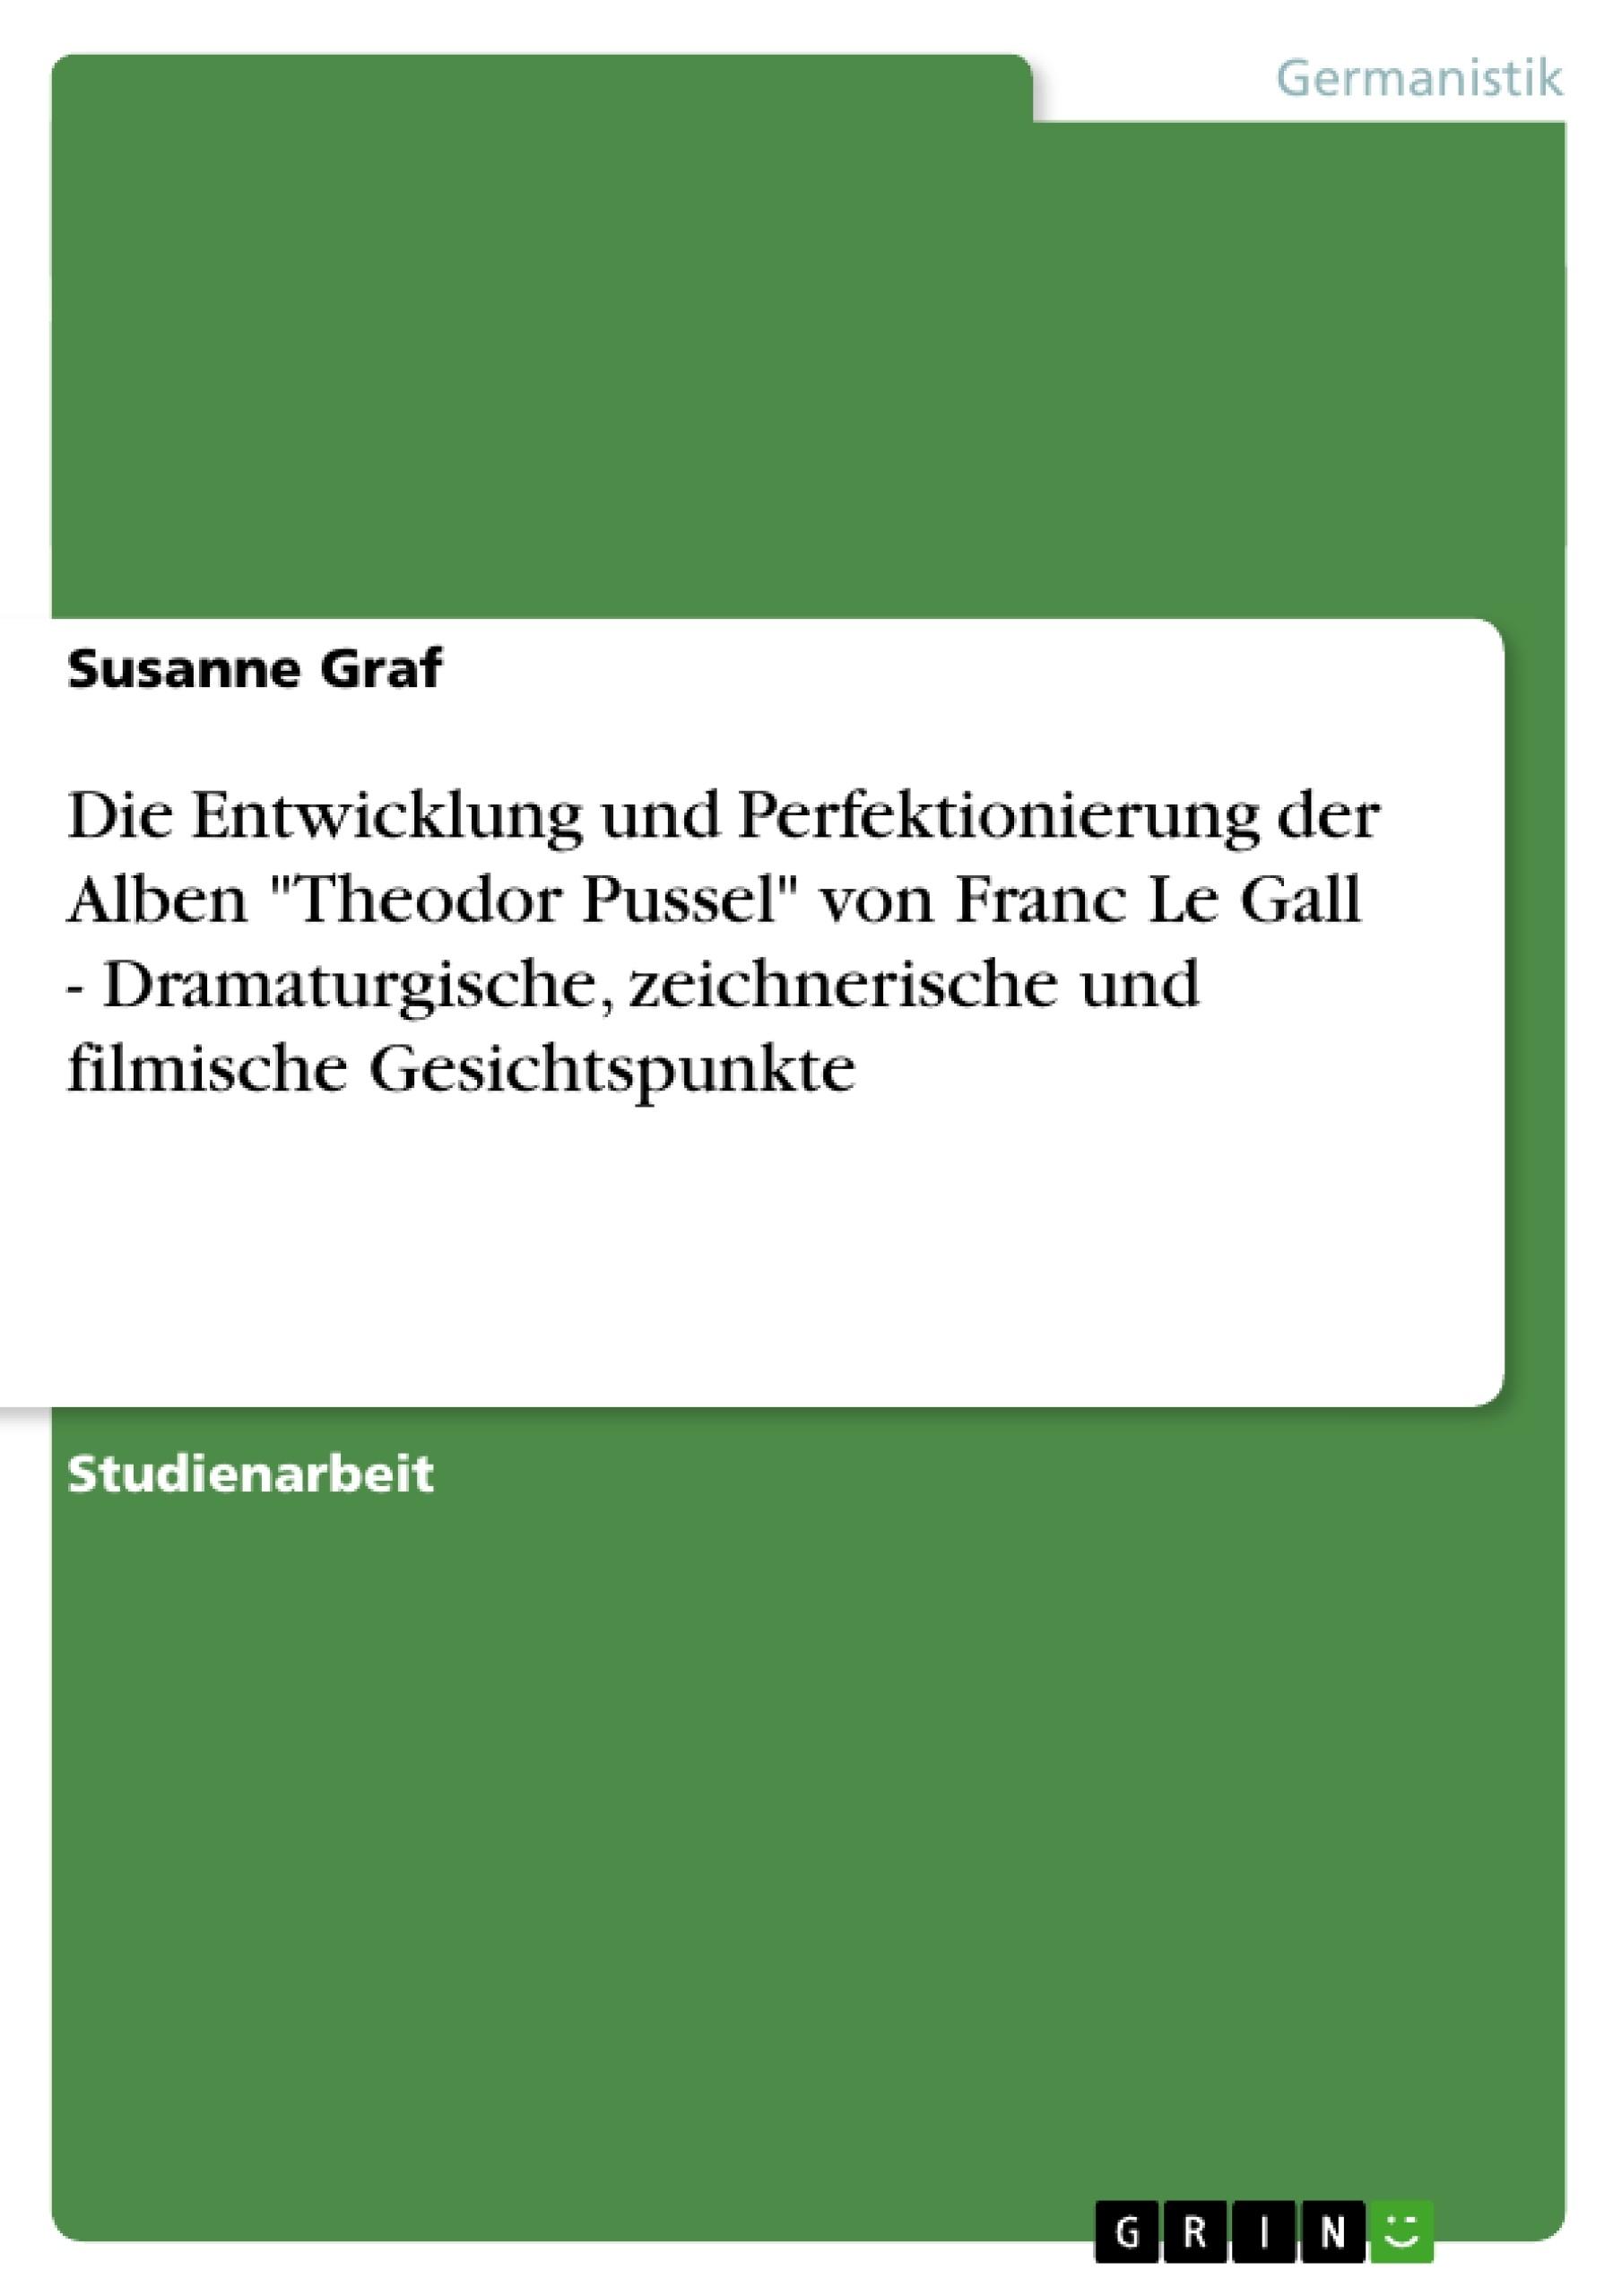 """Titel: Die Entwicklung und Perfektionierung der Alben """"Theodor Pussel"""" von Franc Le Gall - Dramaturgische, zeichnerische und filmische Gesichtspunkte"""